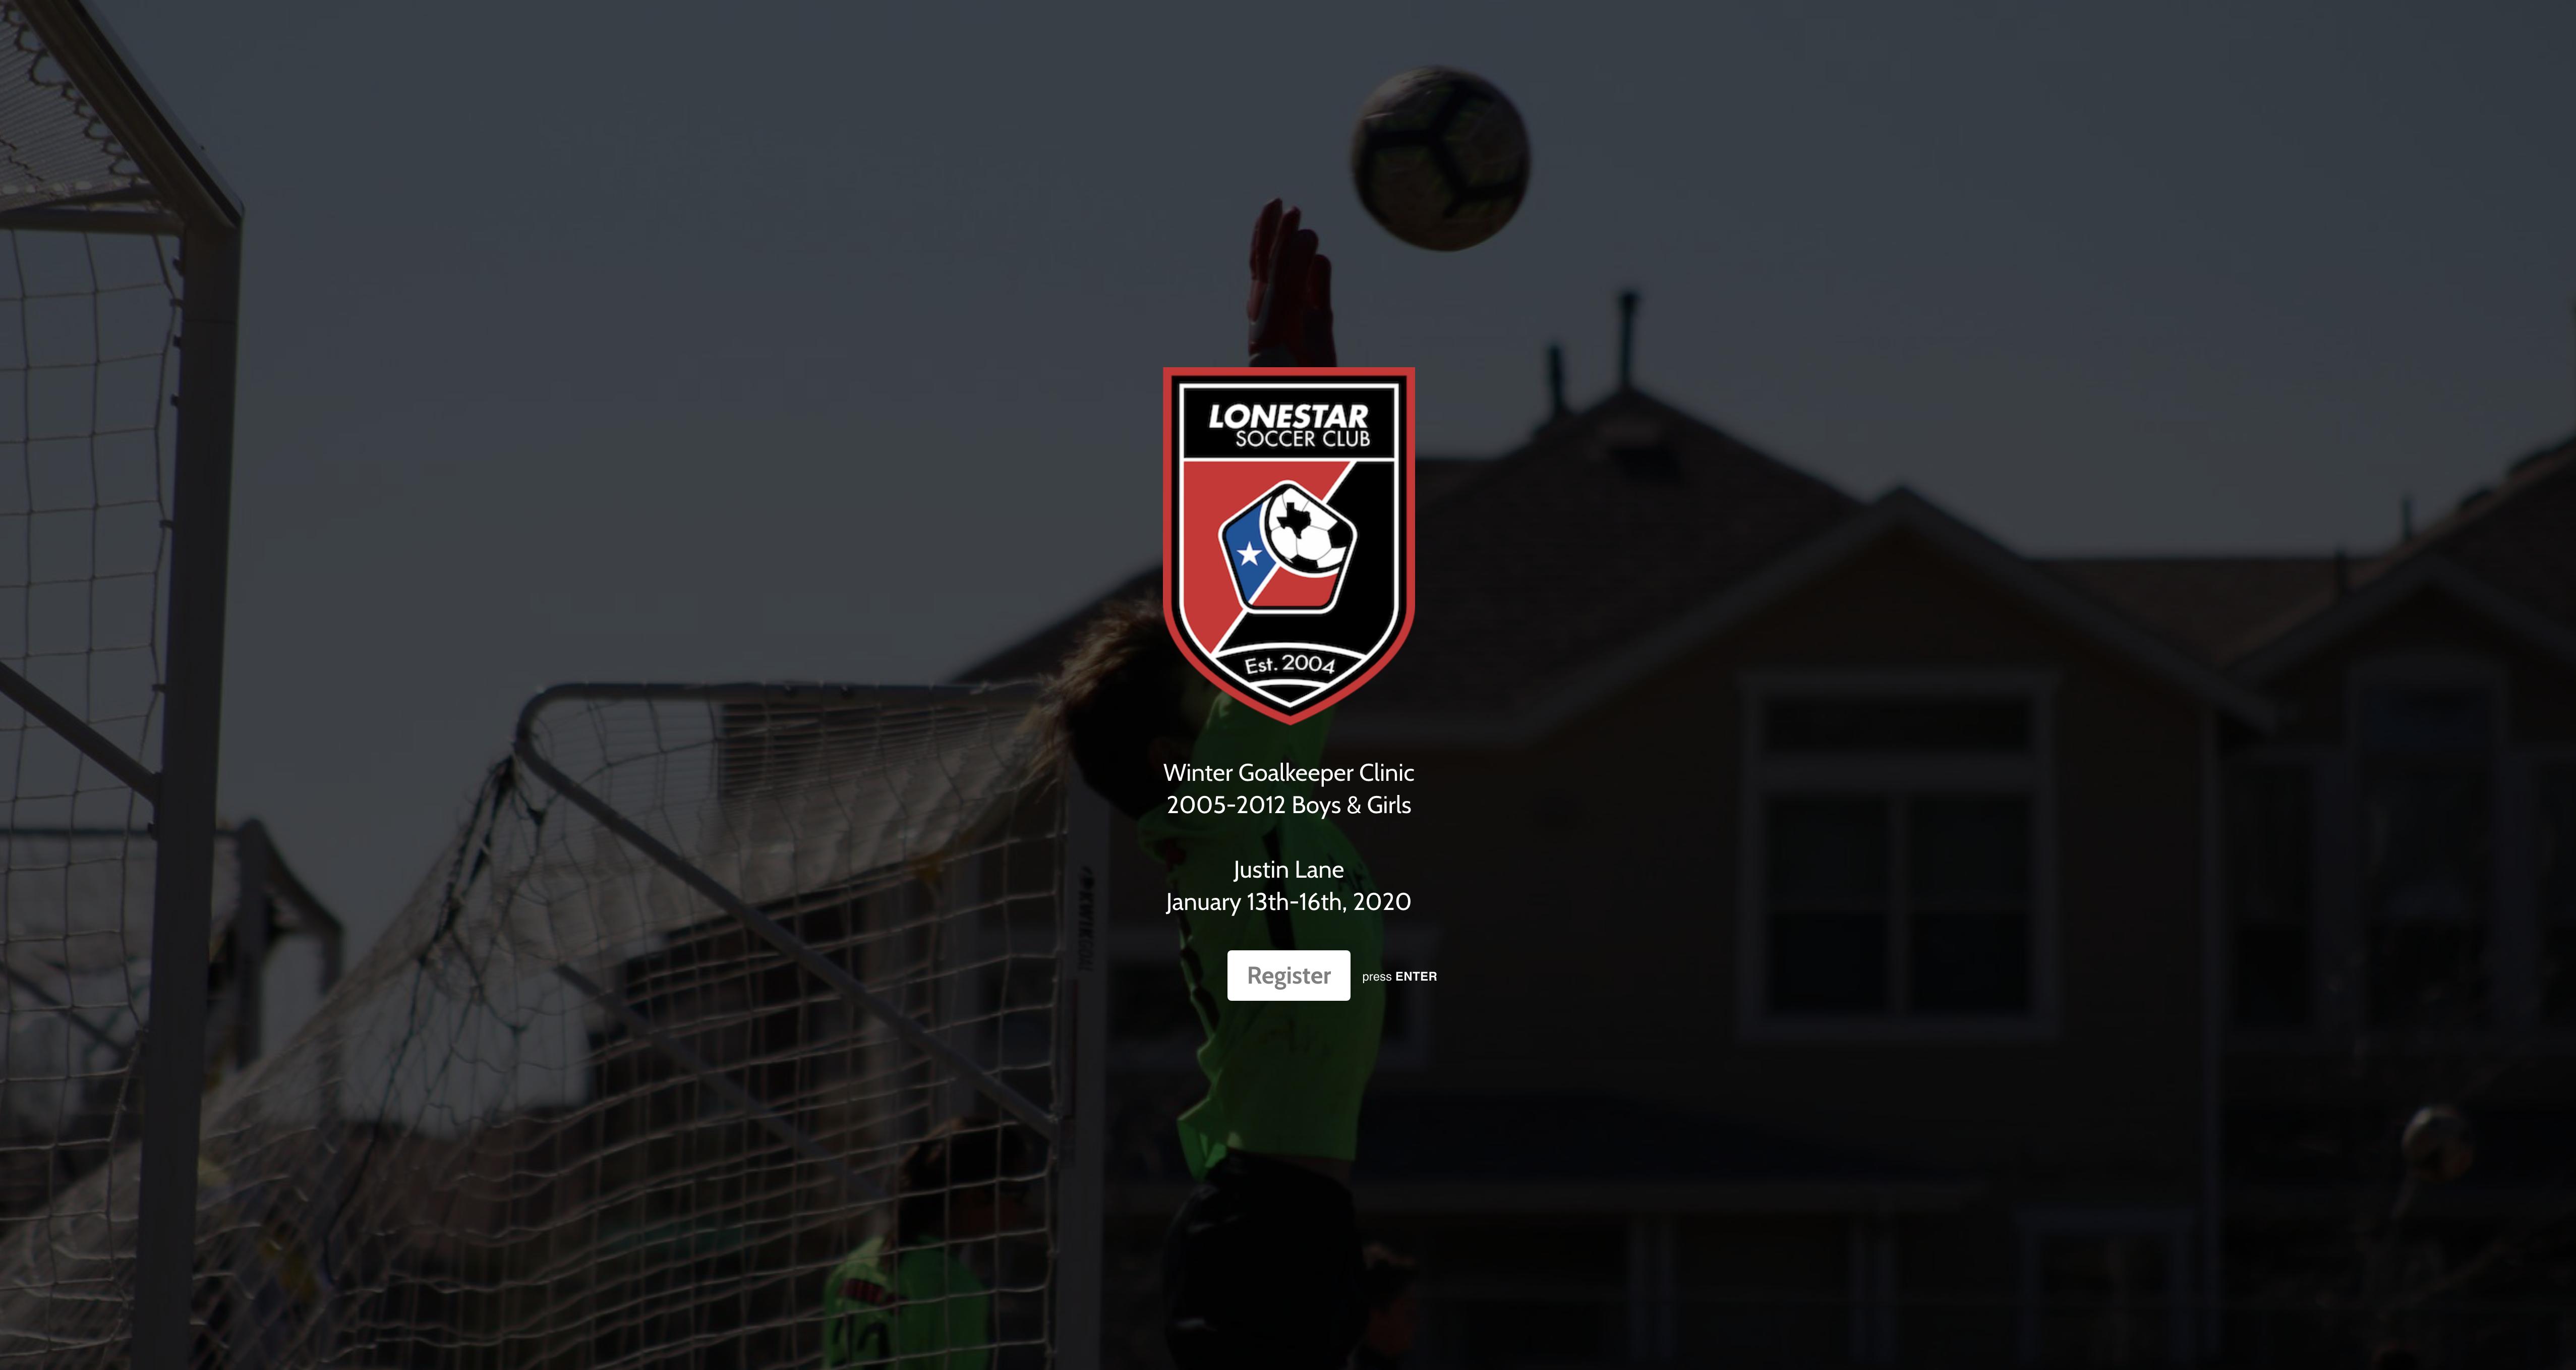 Winter Goalkeeper Clinic logo